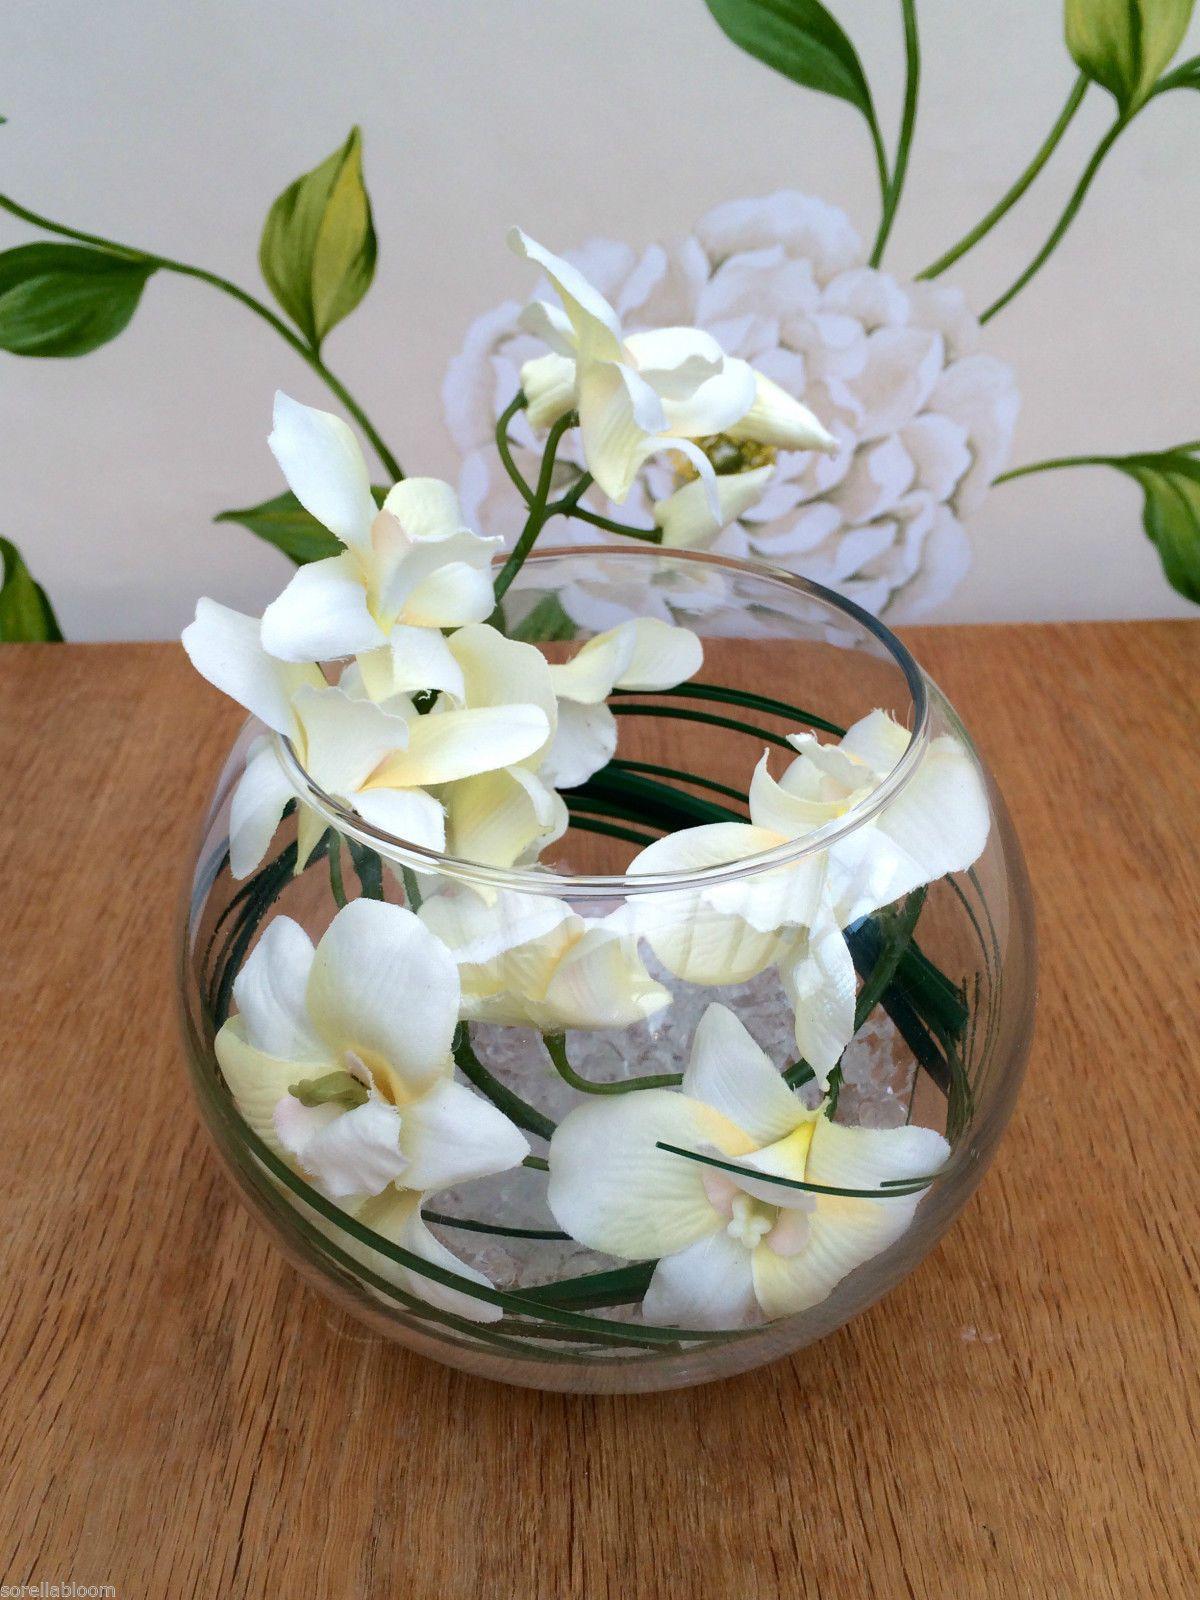 Stunning Cream Orchid Grass Artificial Flower Arrangement Glass